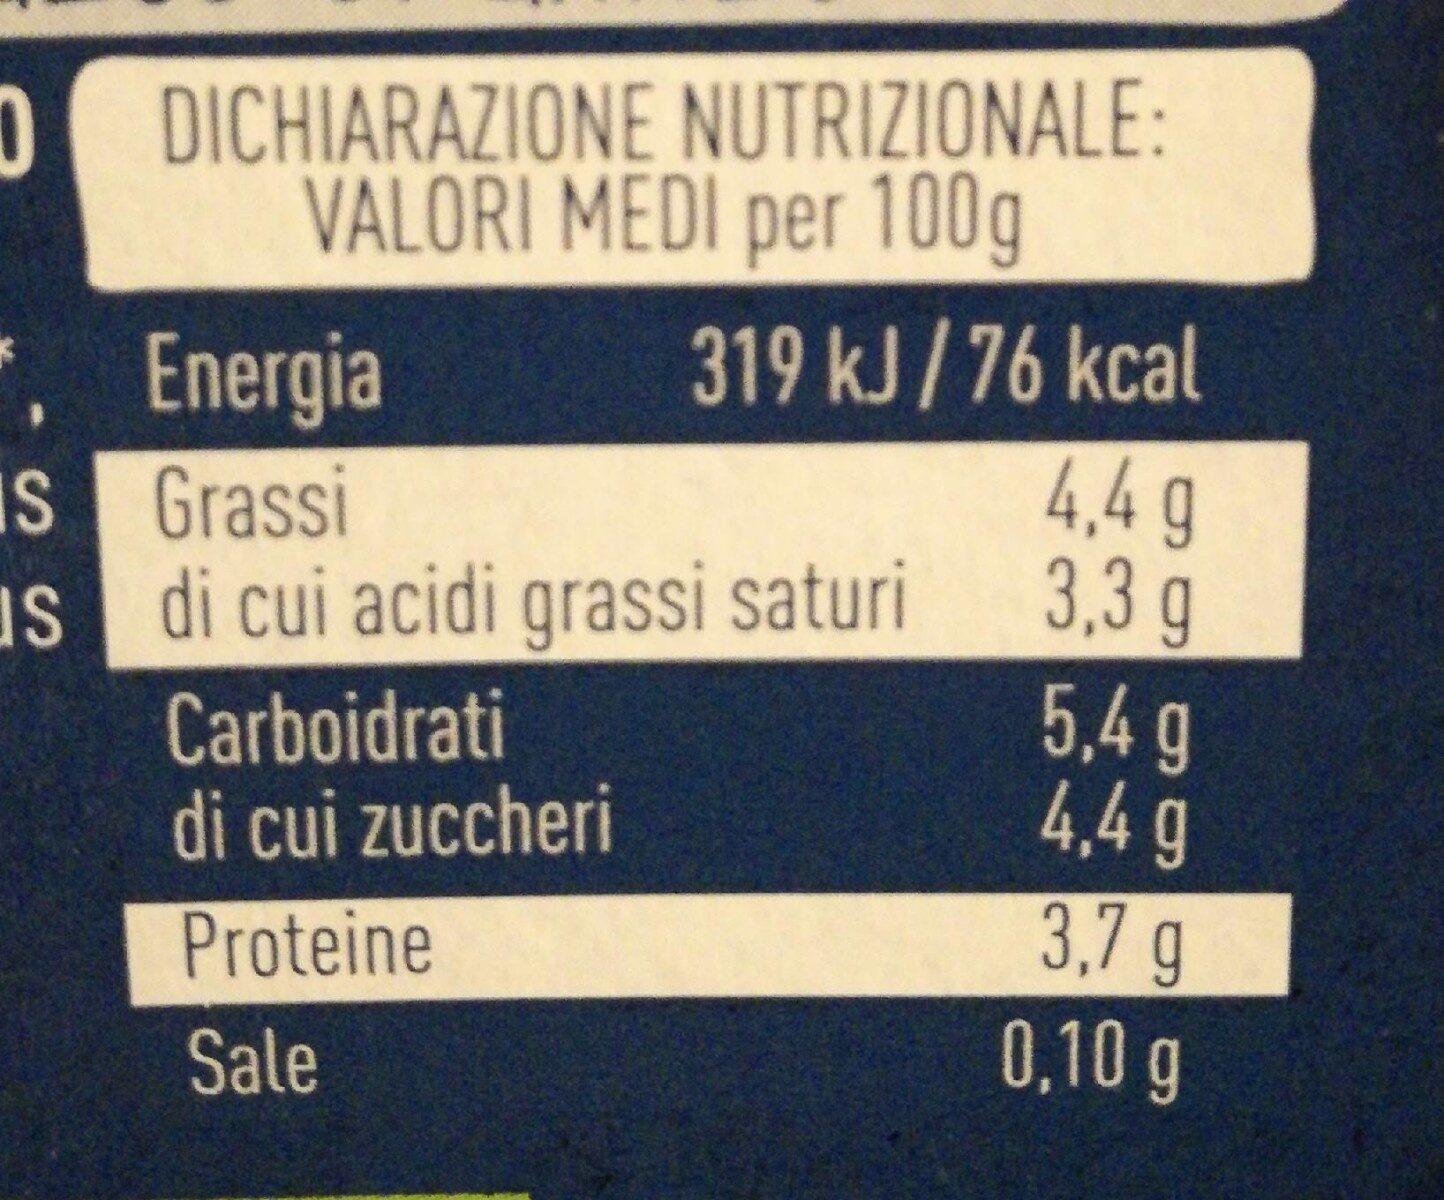 Yogurt con latte fieno stg italiano intero bianco - Informazioni nutrizionali - it